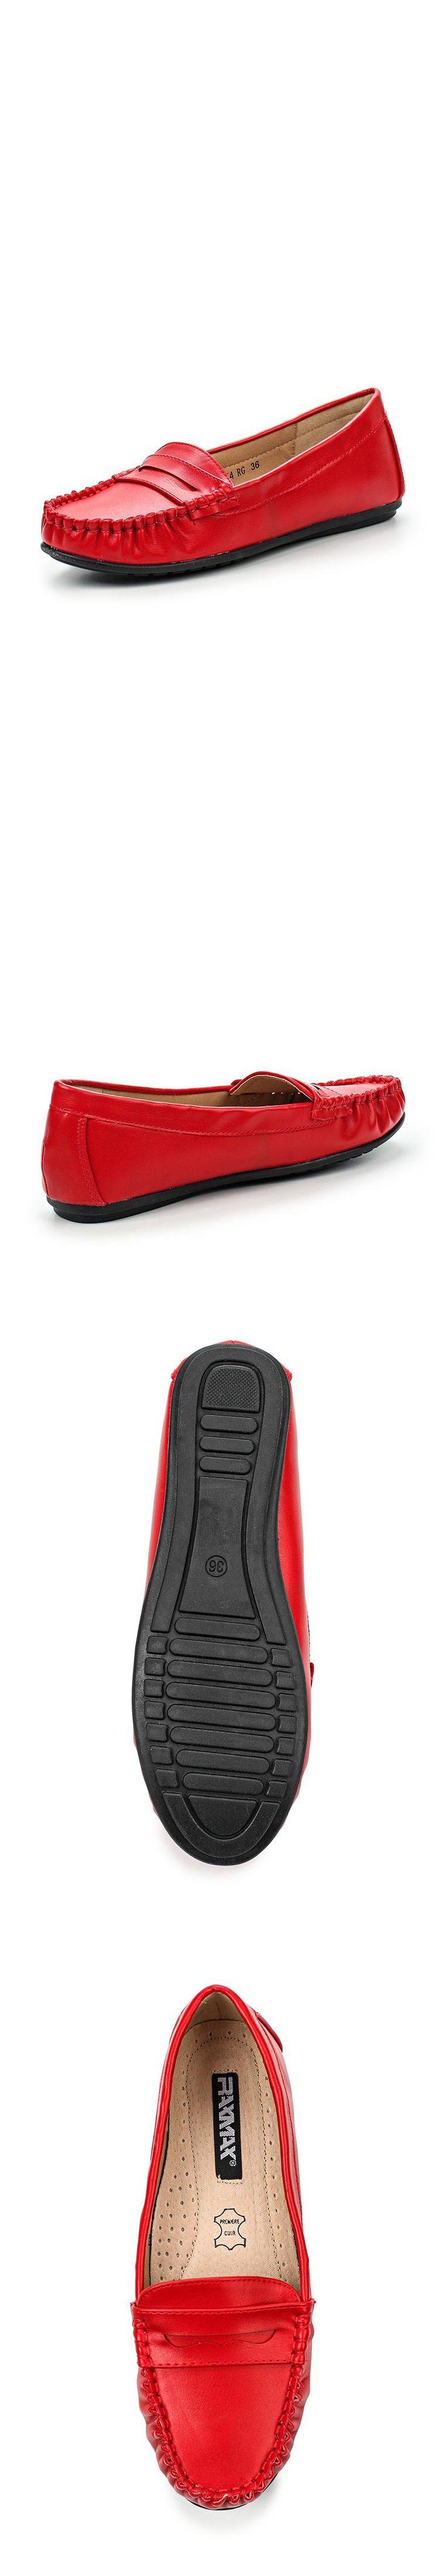 Женская обувь мокасины Raxmax за 1870.00 руб.